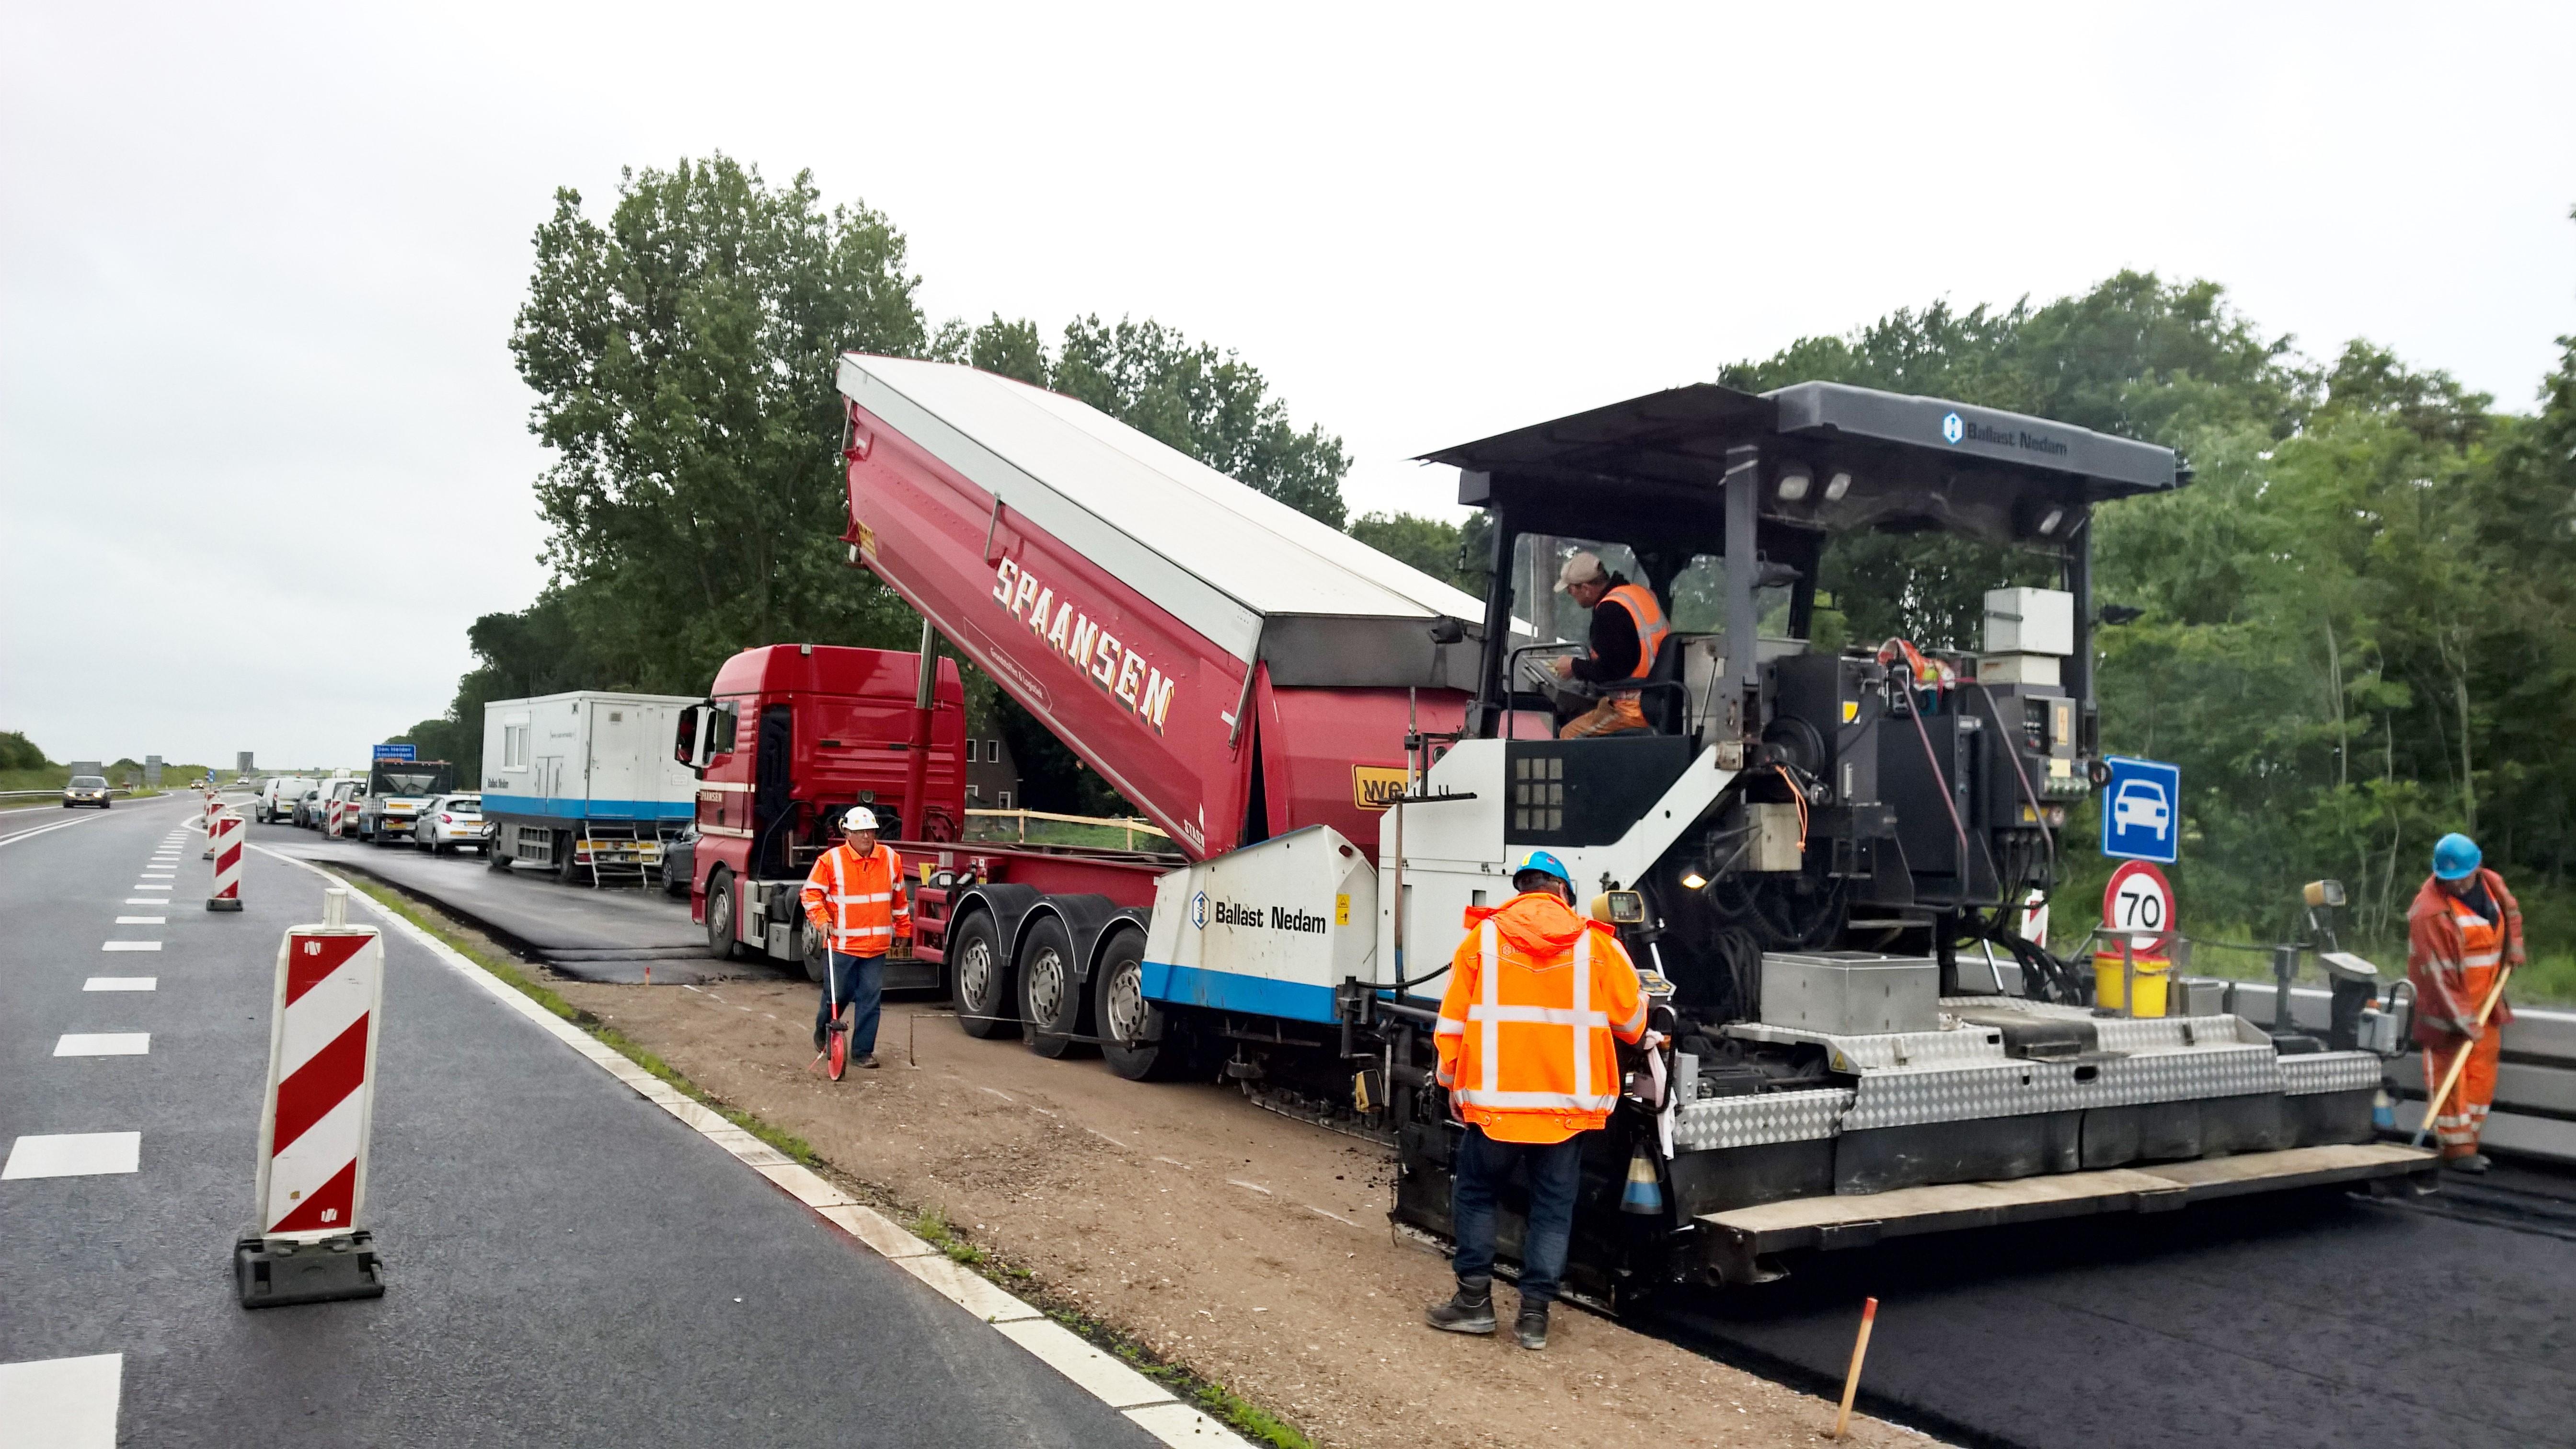 Artikel in magazine Grond-weg-waterbouw - Spaansen Grondstoffen en Logistiek - Vermindering CO2 uitstoot door efficiency in transport